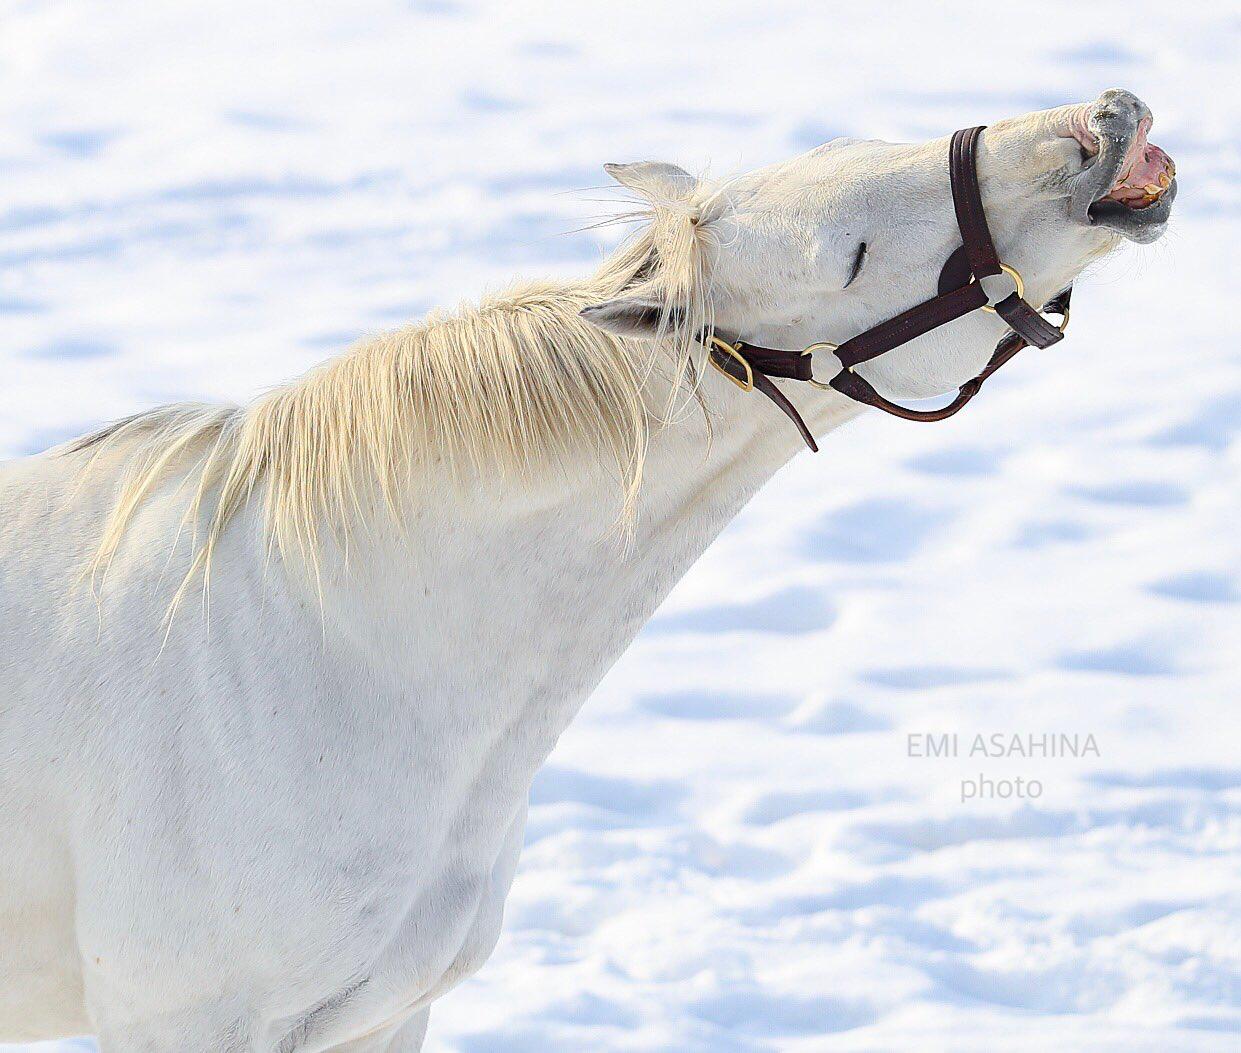 競馬のゴールドシップと雪の壁紙